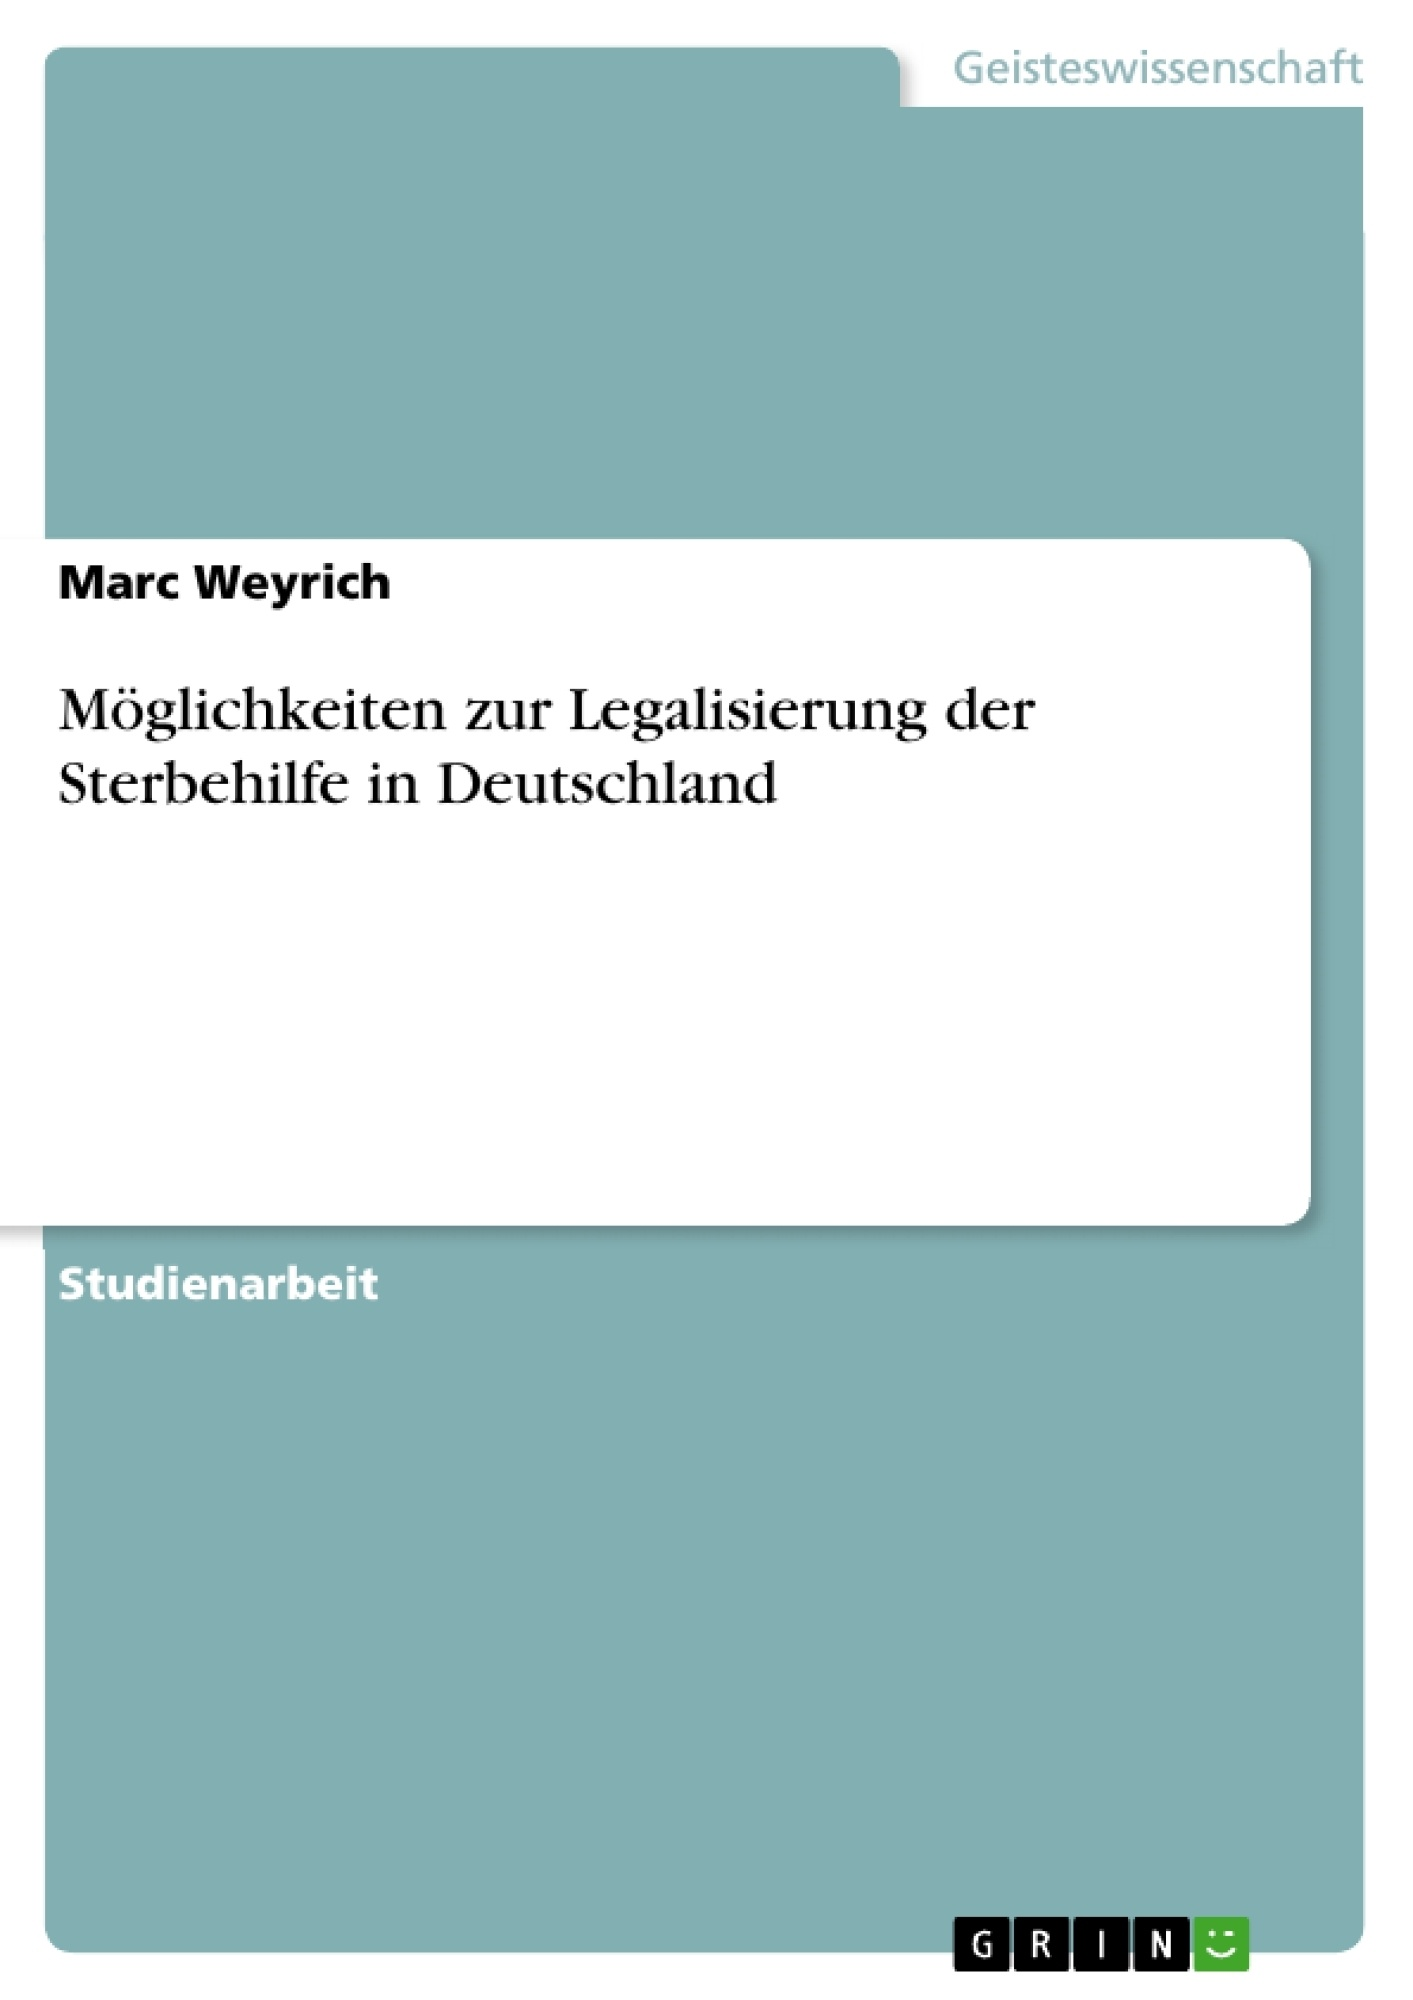 Titel: Möglichkeiten zur Legalisierung der Sterbehilfe in Deutschland